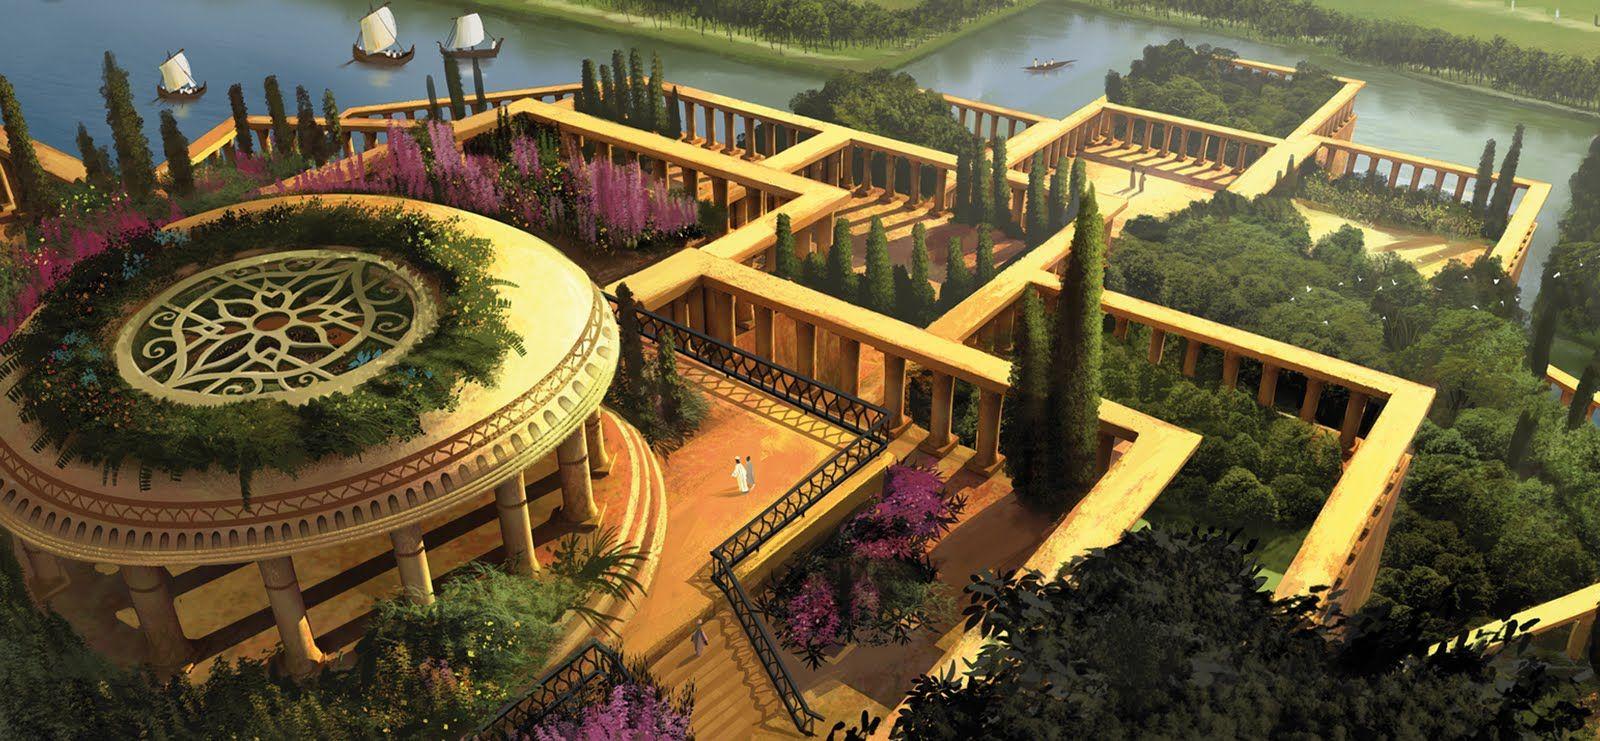 Jardines colgantes de babilonia 02 mesopotamia y for Historia de los jardines verticales